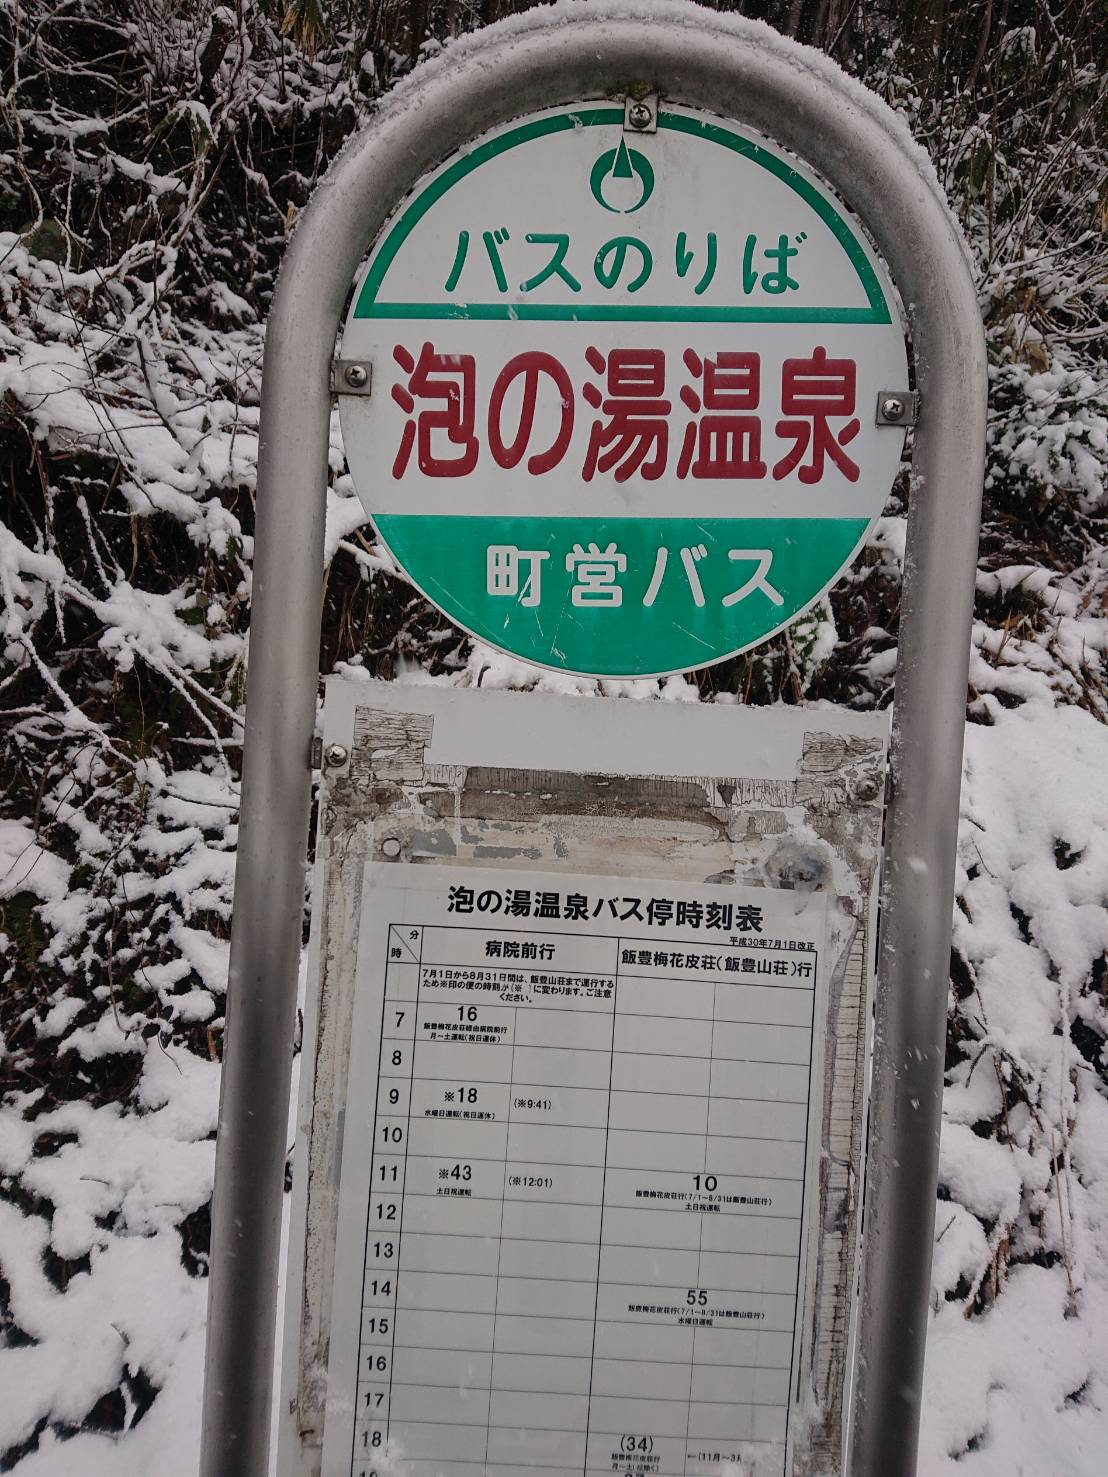 泡の湯温泉 バス停